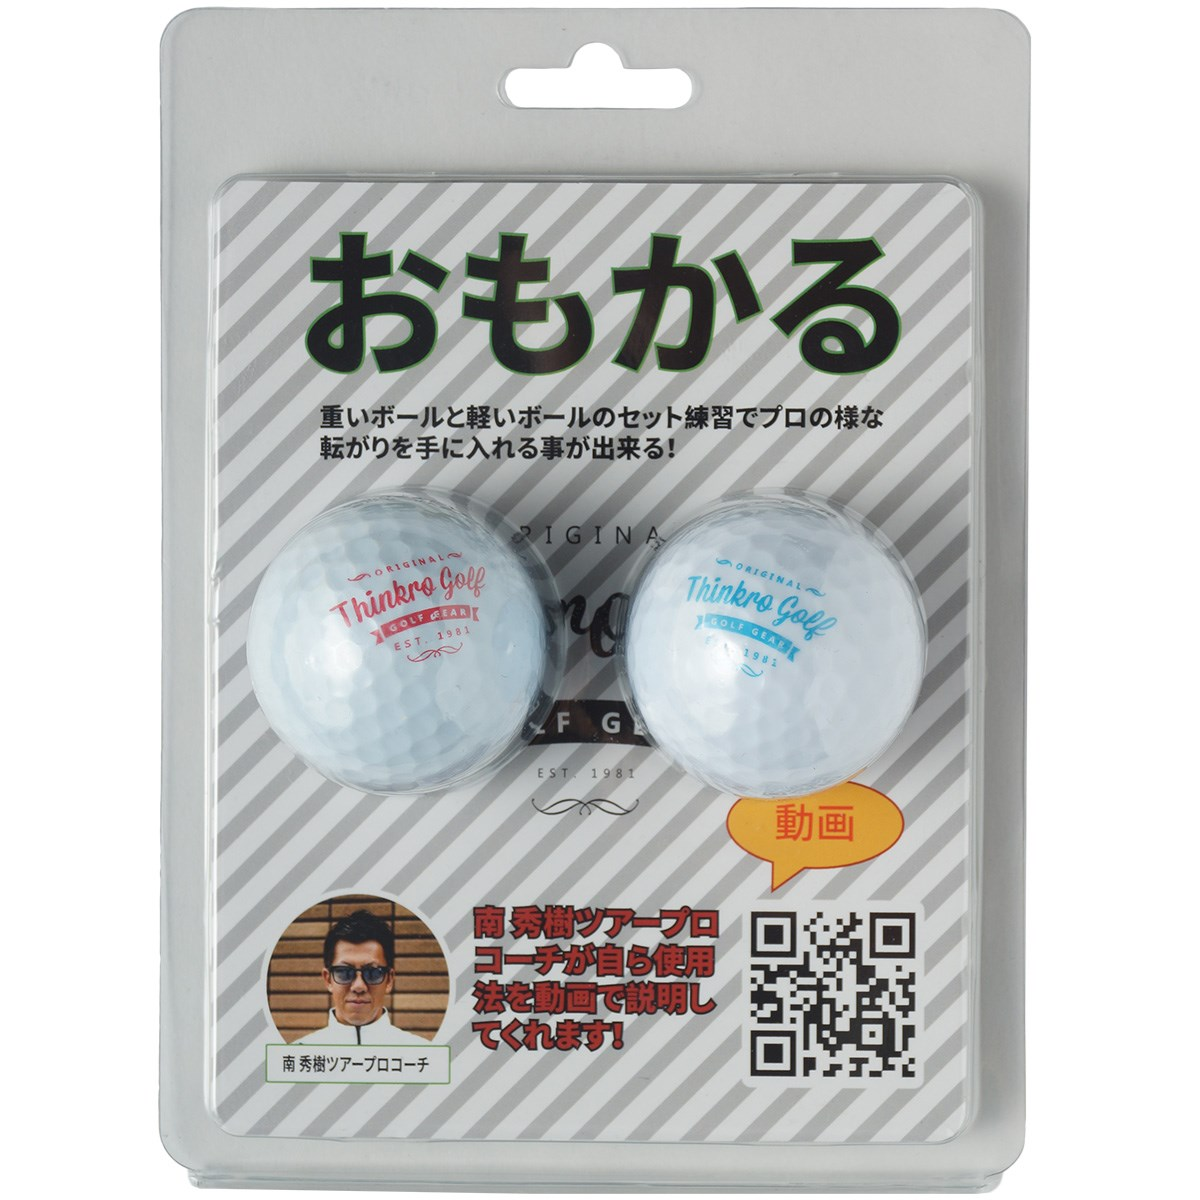 THINKRO GOLF おもかる パター専用練習ボール ホワイト